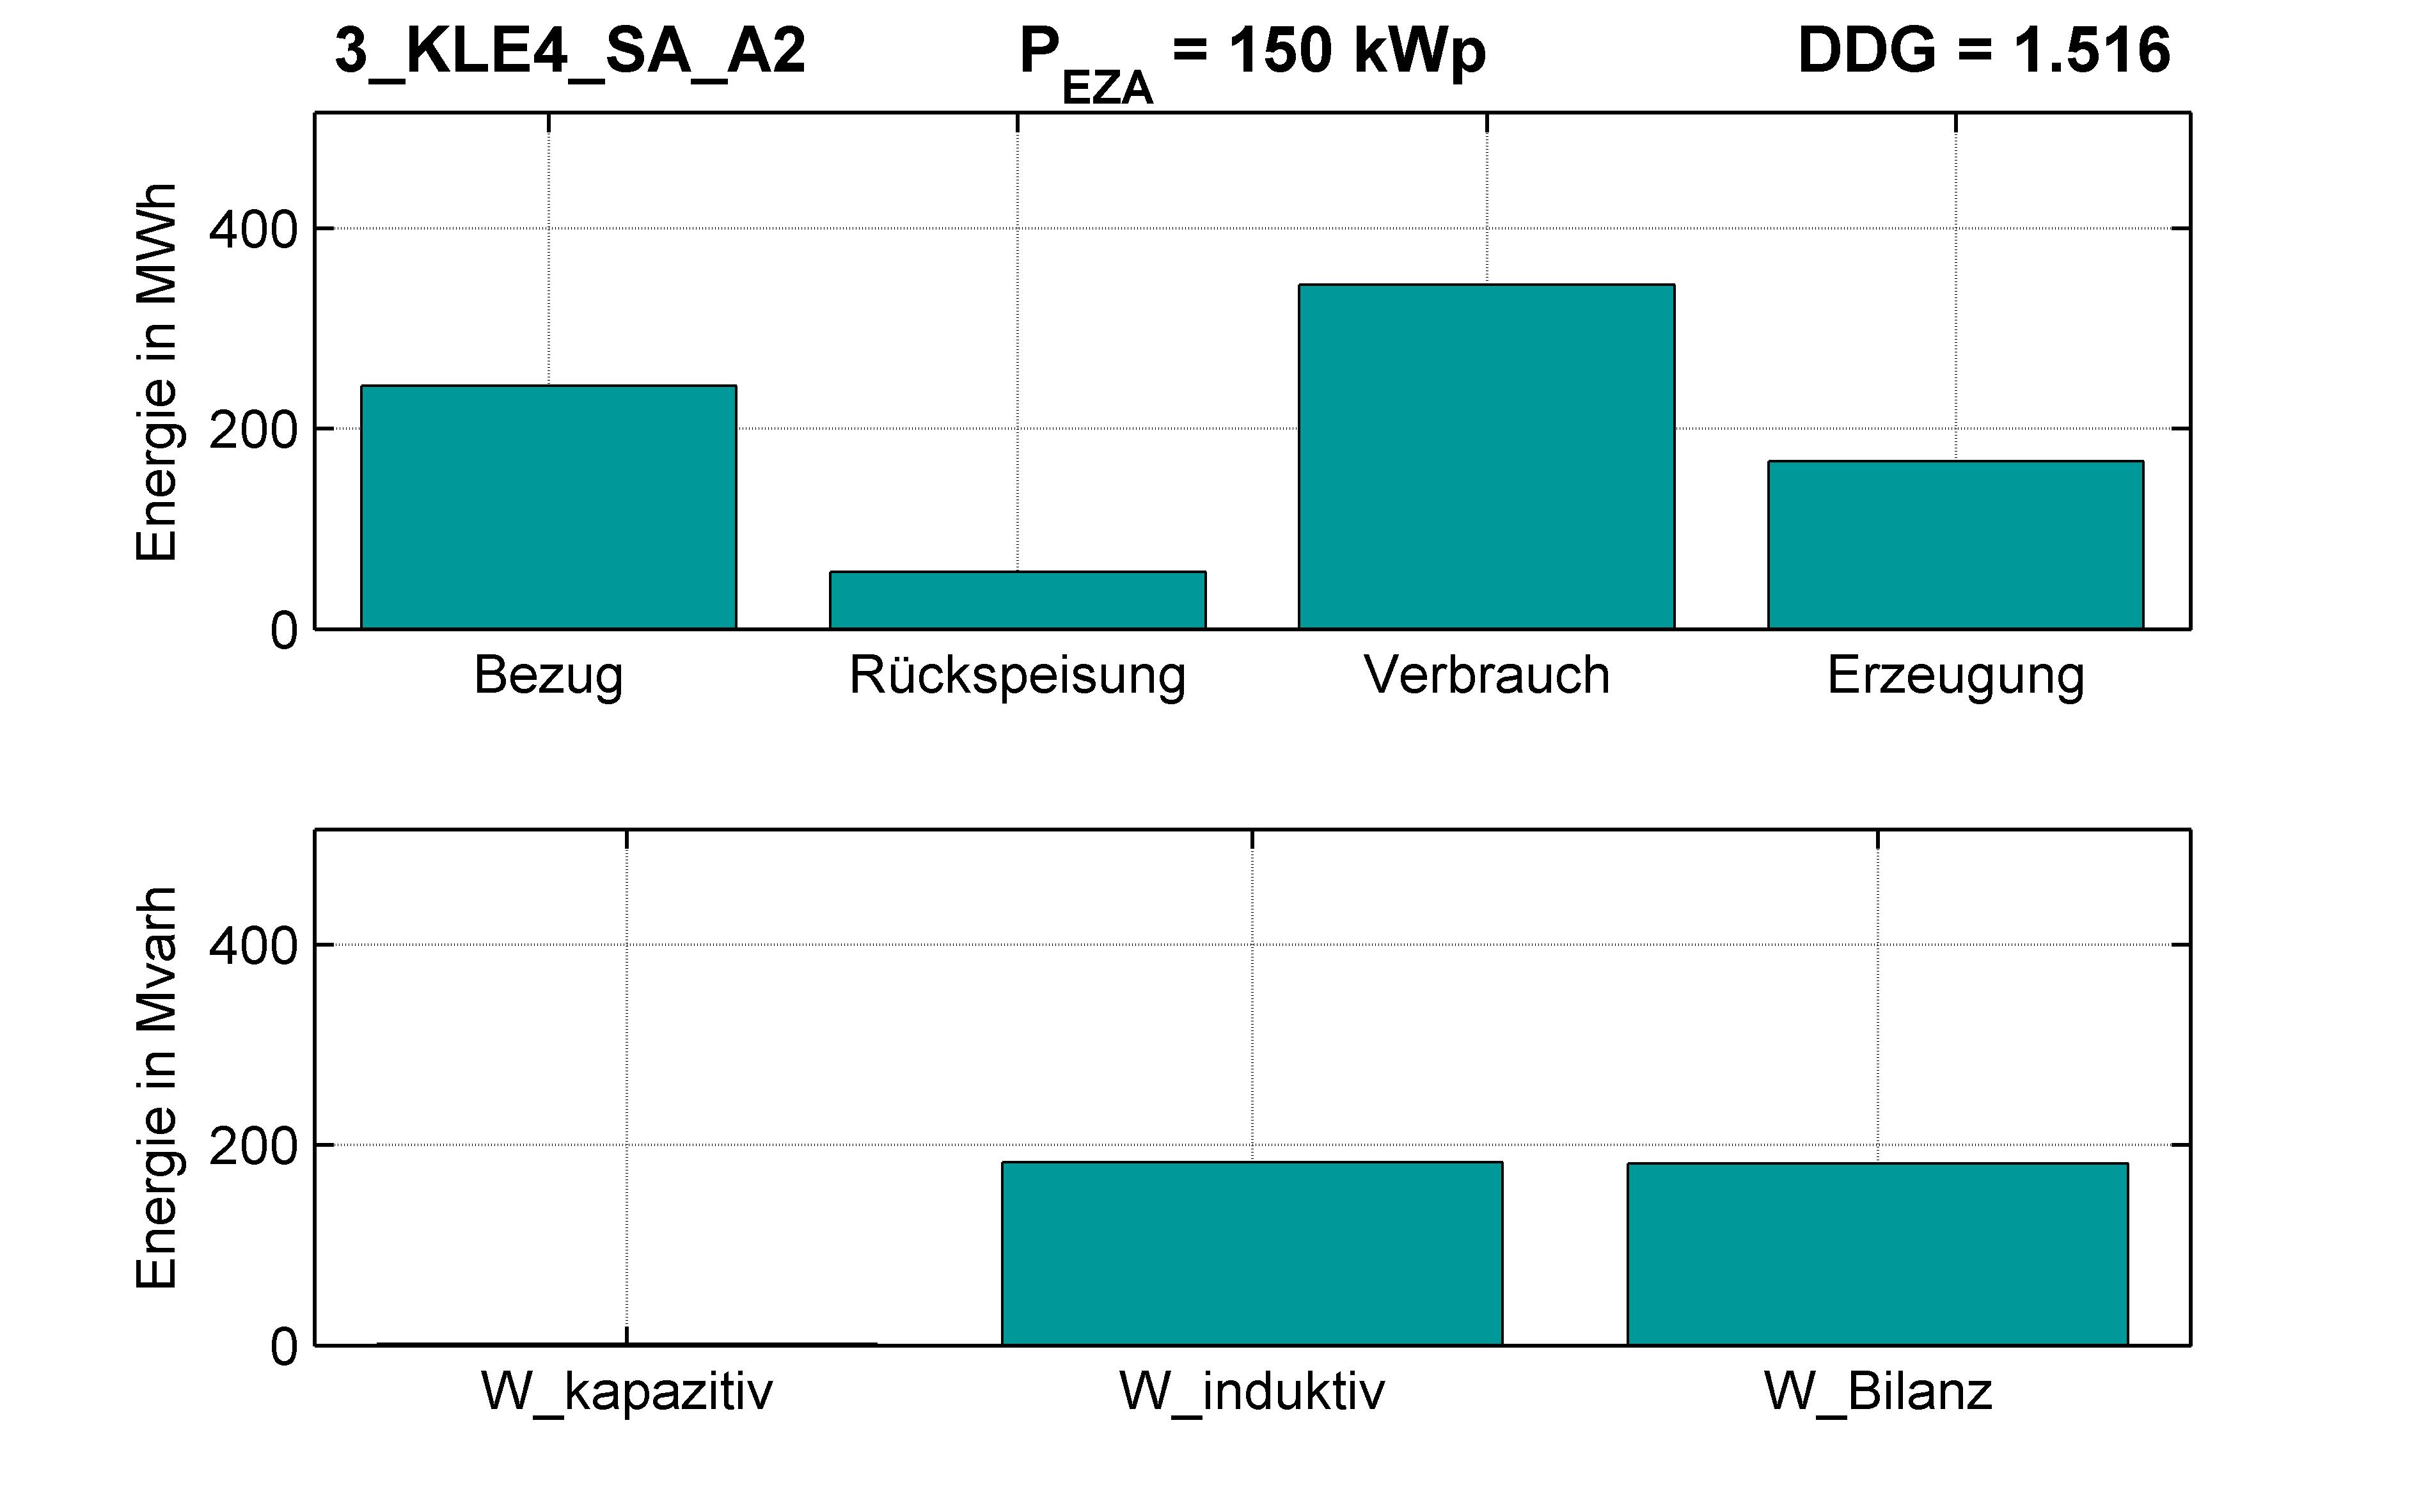 KLE4 | P-Kappung 70% (SA) A2 | PQ-Bilanz